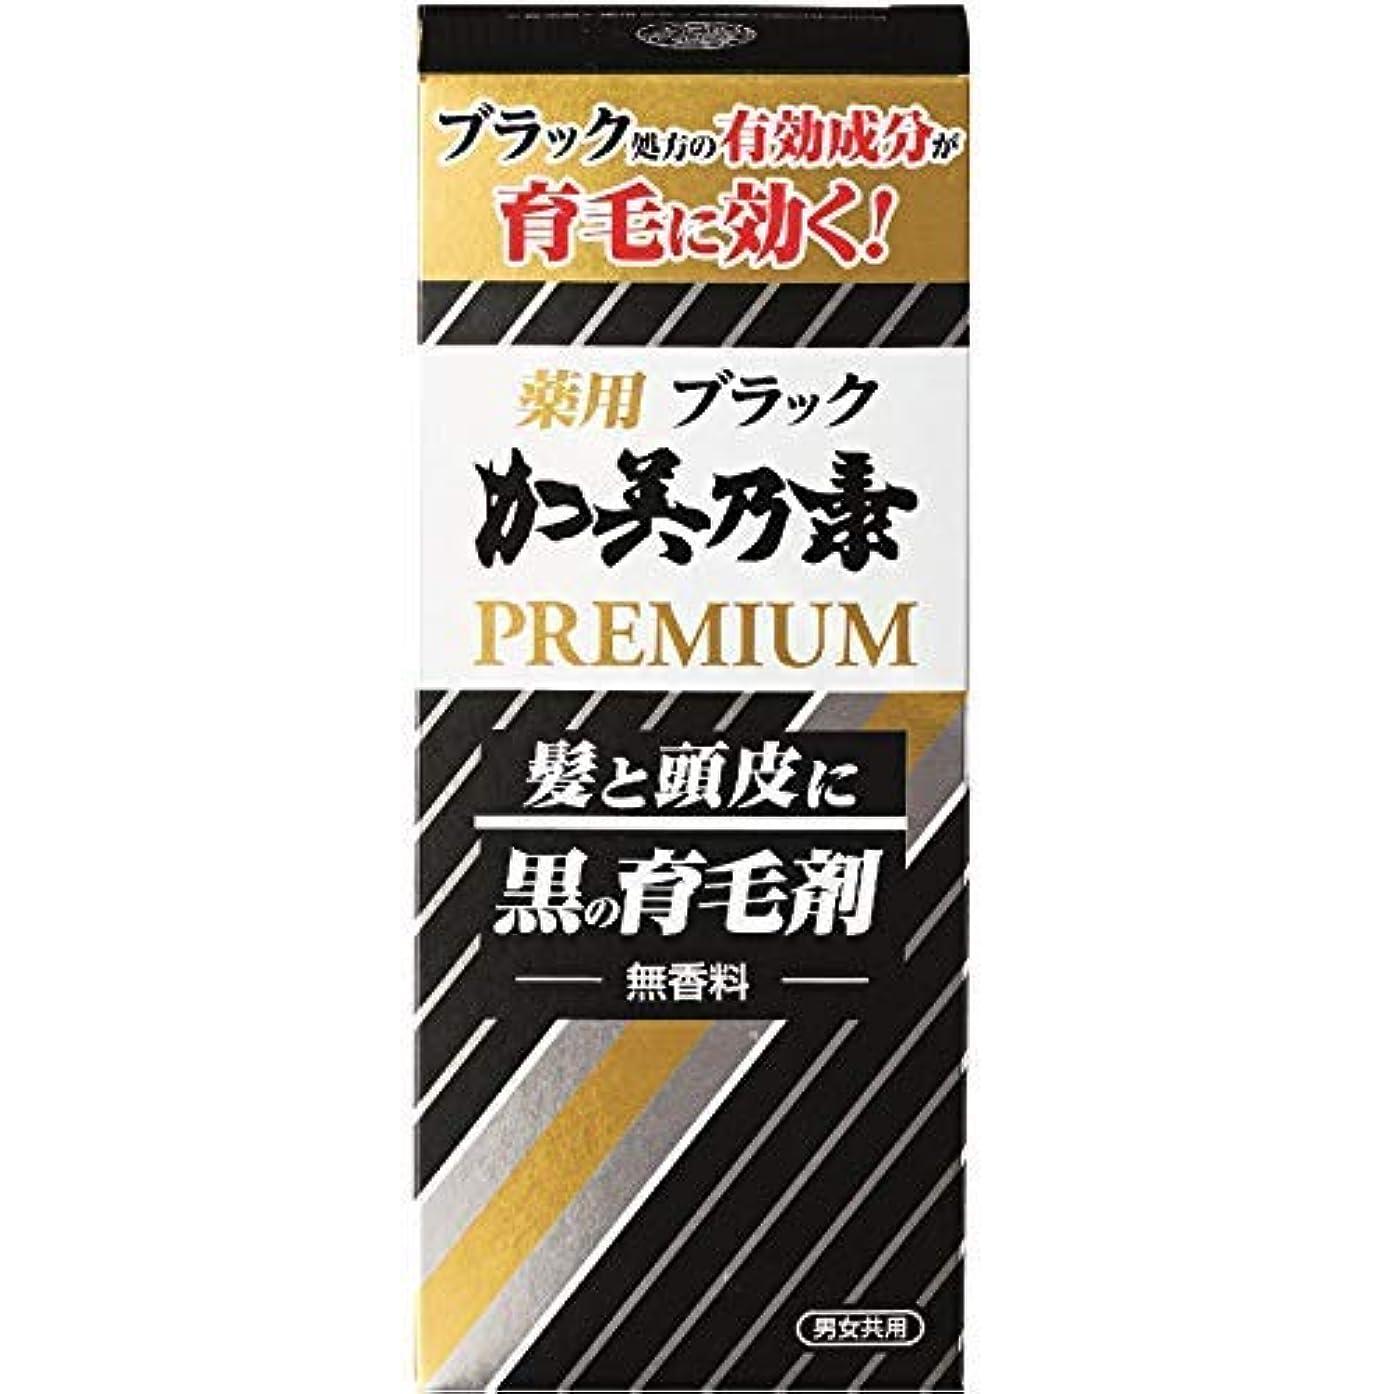 コンバーチブル狂気タイルブラック加美乃素 プレミアム × 2個セット